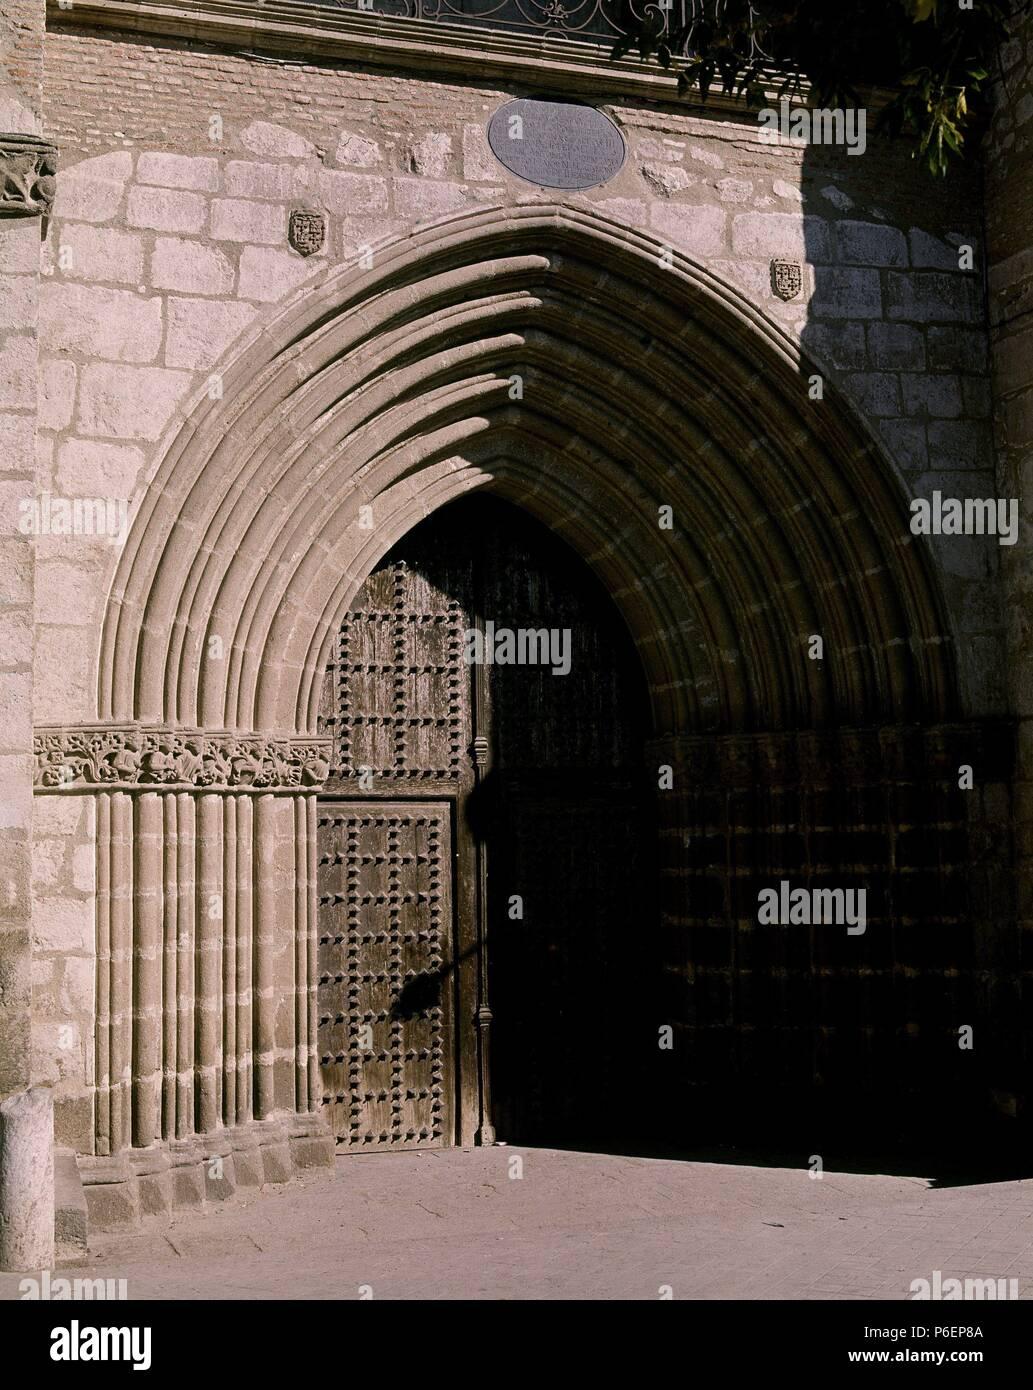 PORTADA. Ubicación: Iglesia colegial DE SANTA MARÍA LA MAYOR, TOLEDO, España. Imagen De Stock